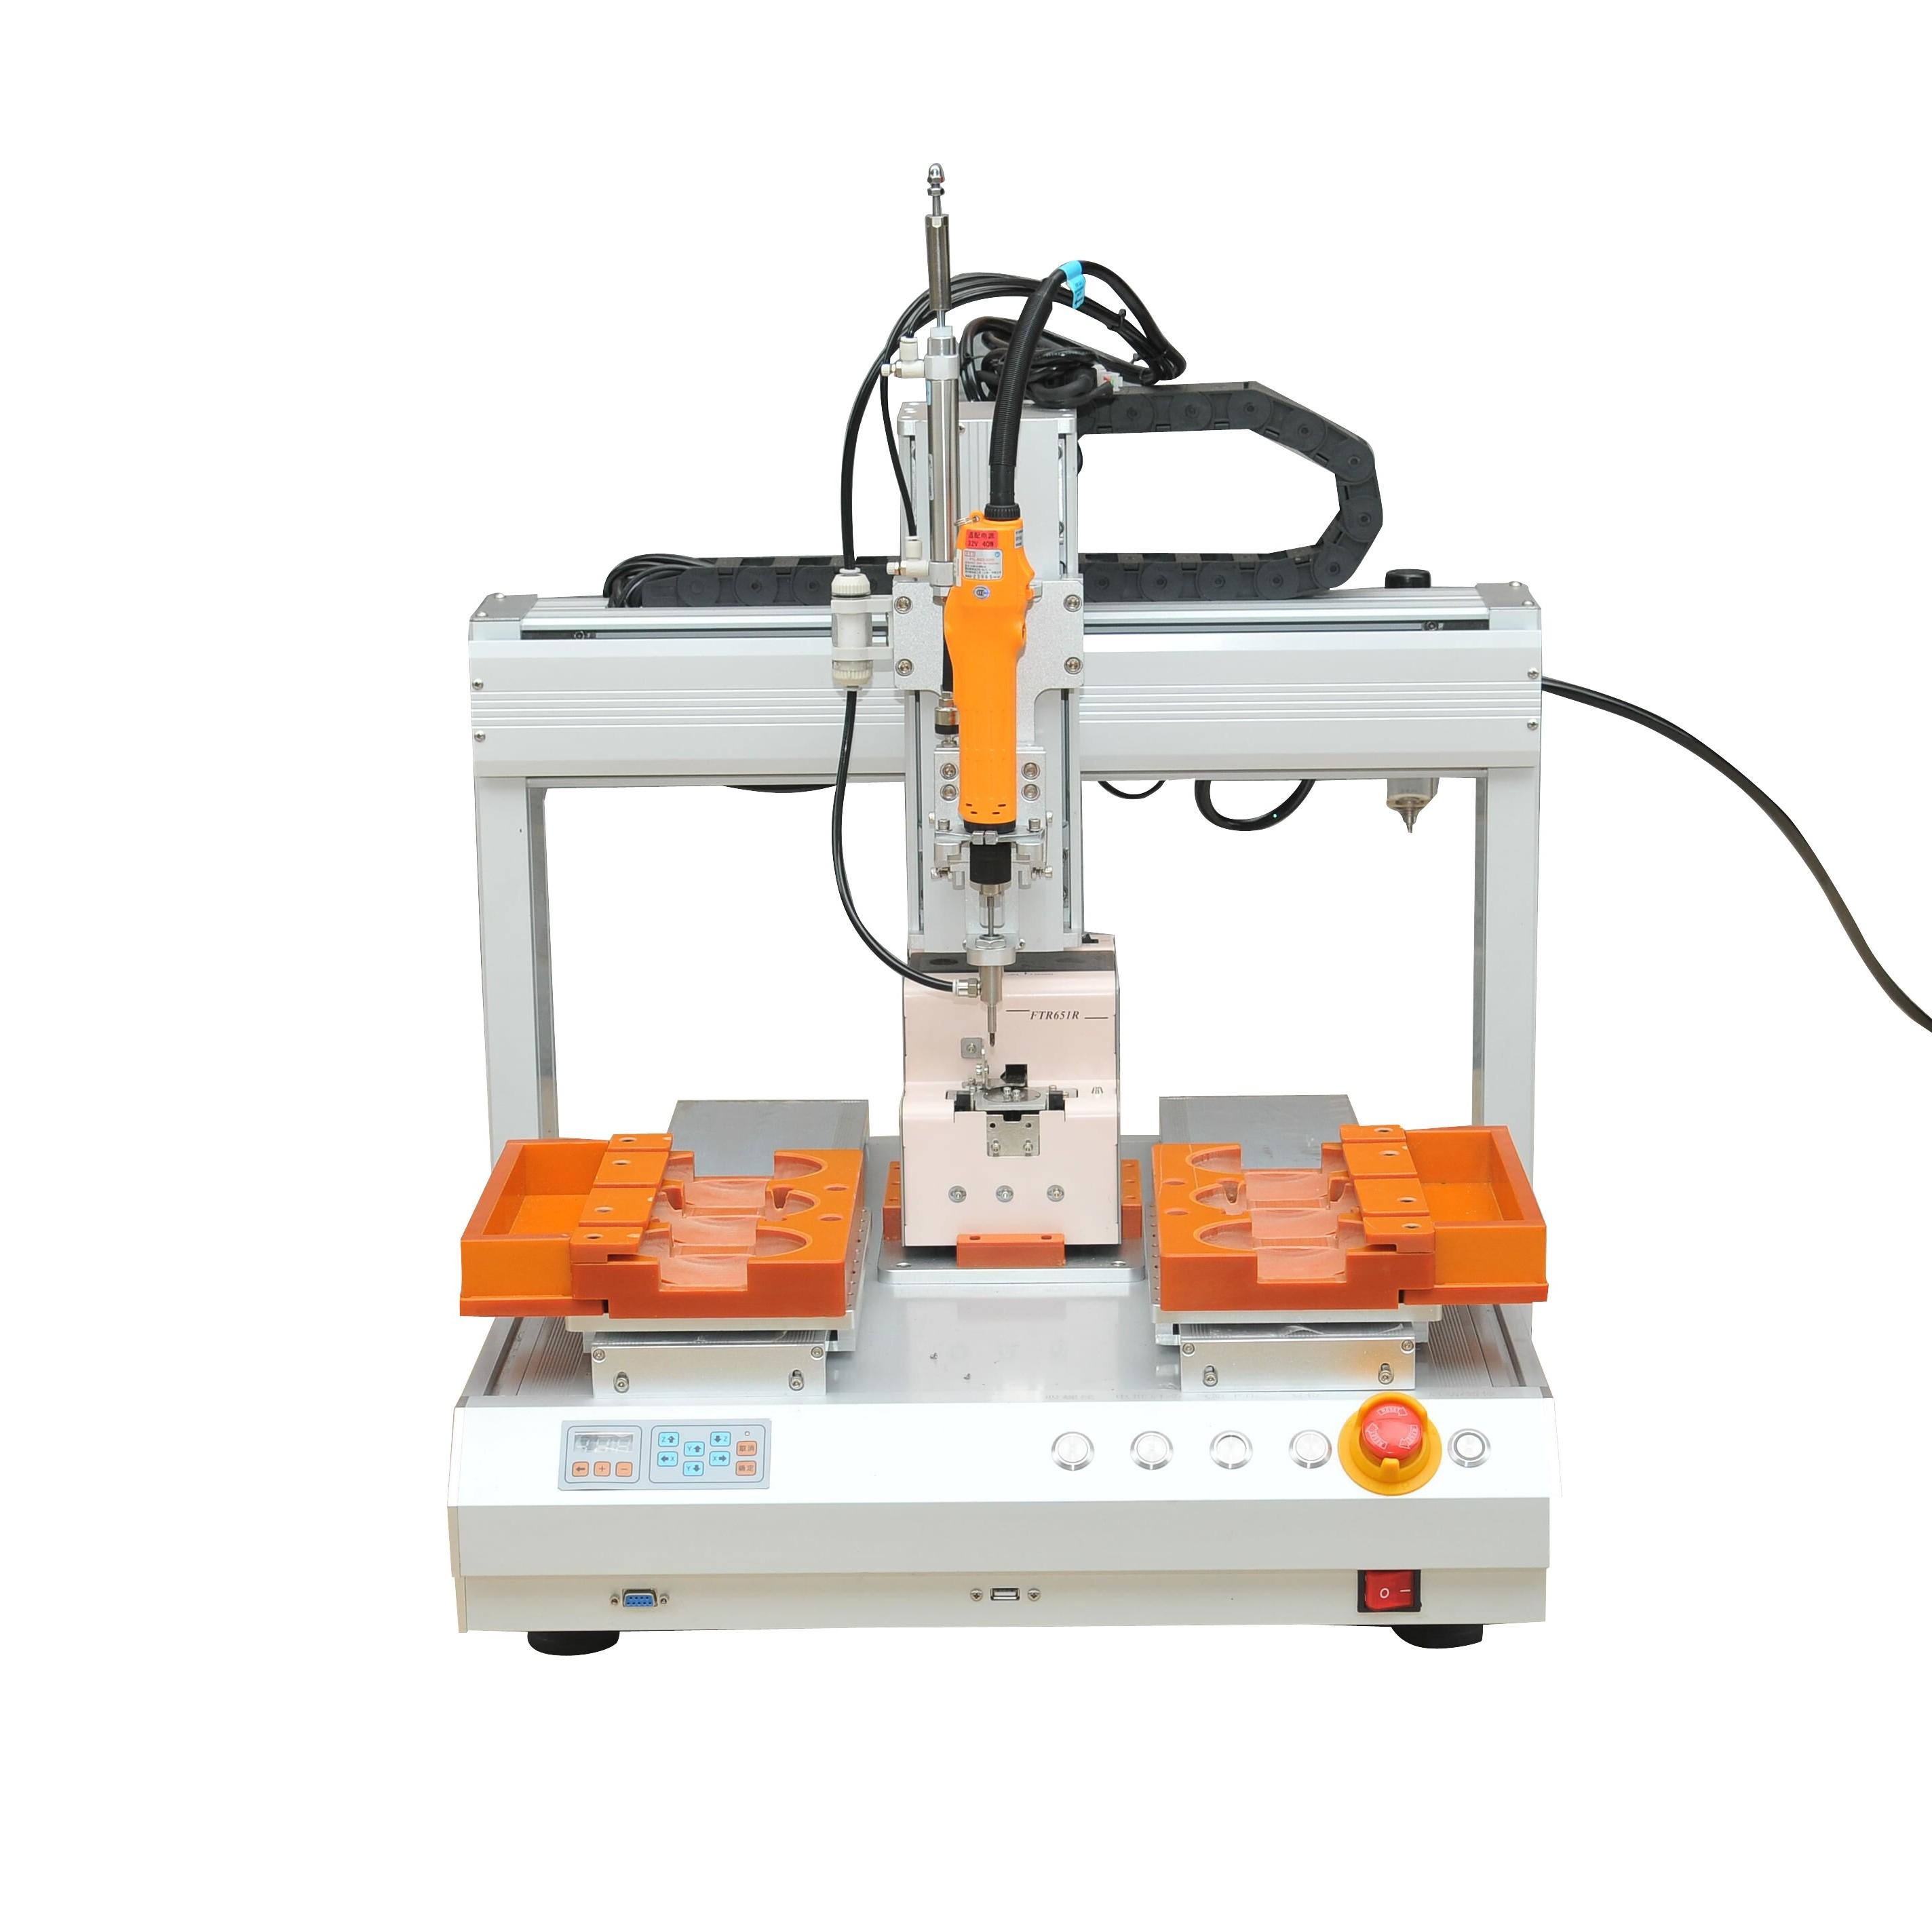 廣東地區直銷 全自動擰螺絲機4331電腦裝配鎖螺絲機全自動擰螺絲機